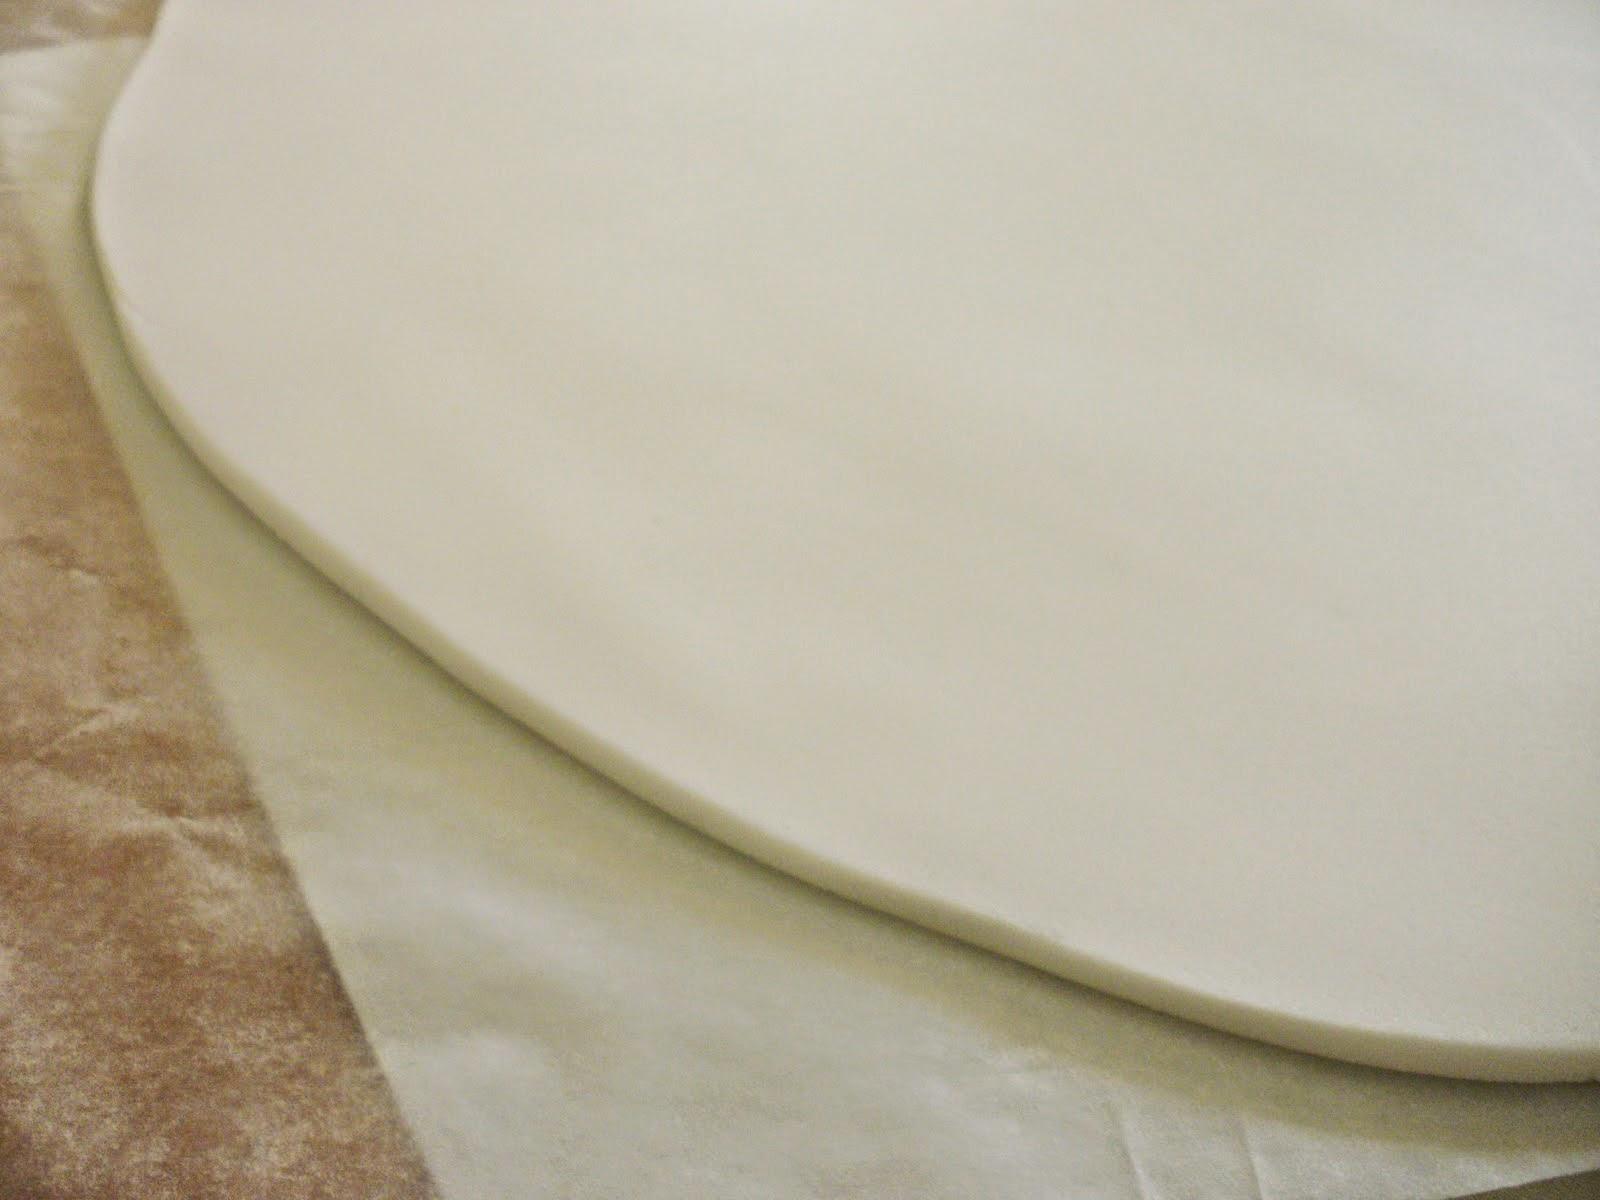 Πώς καλύπτουμε cake-βασιλοπιτα με ζαχαρόπαστα Βήμα - Βήμα (εικονες)